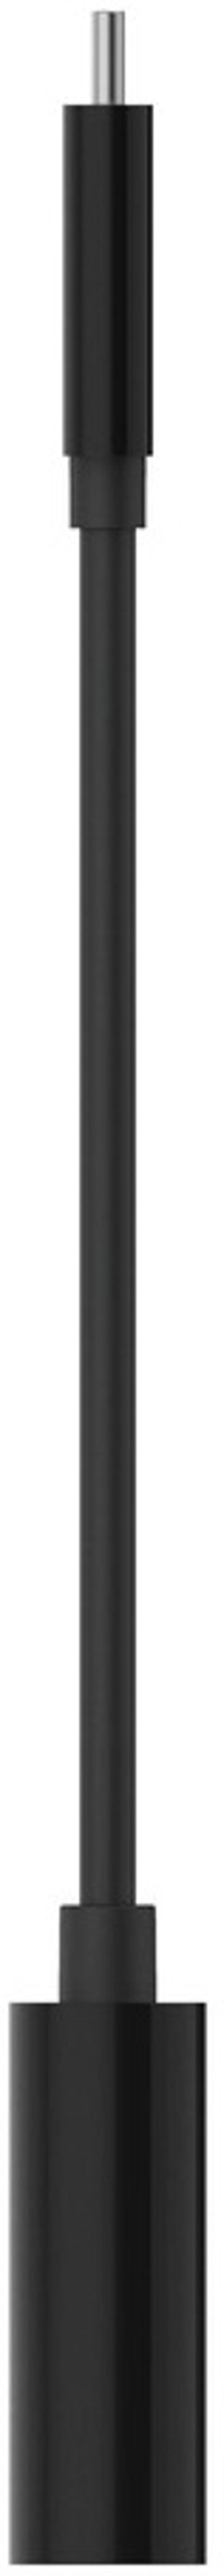 Belkin Nätverksadapter